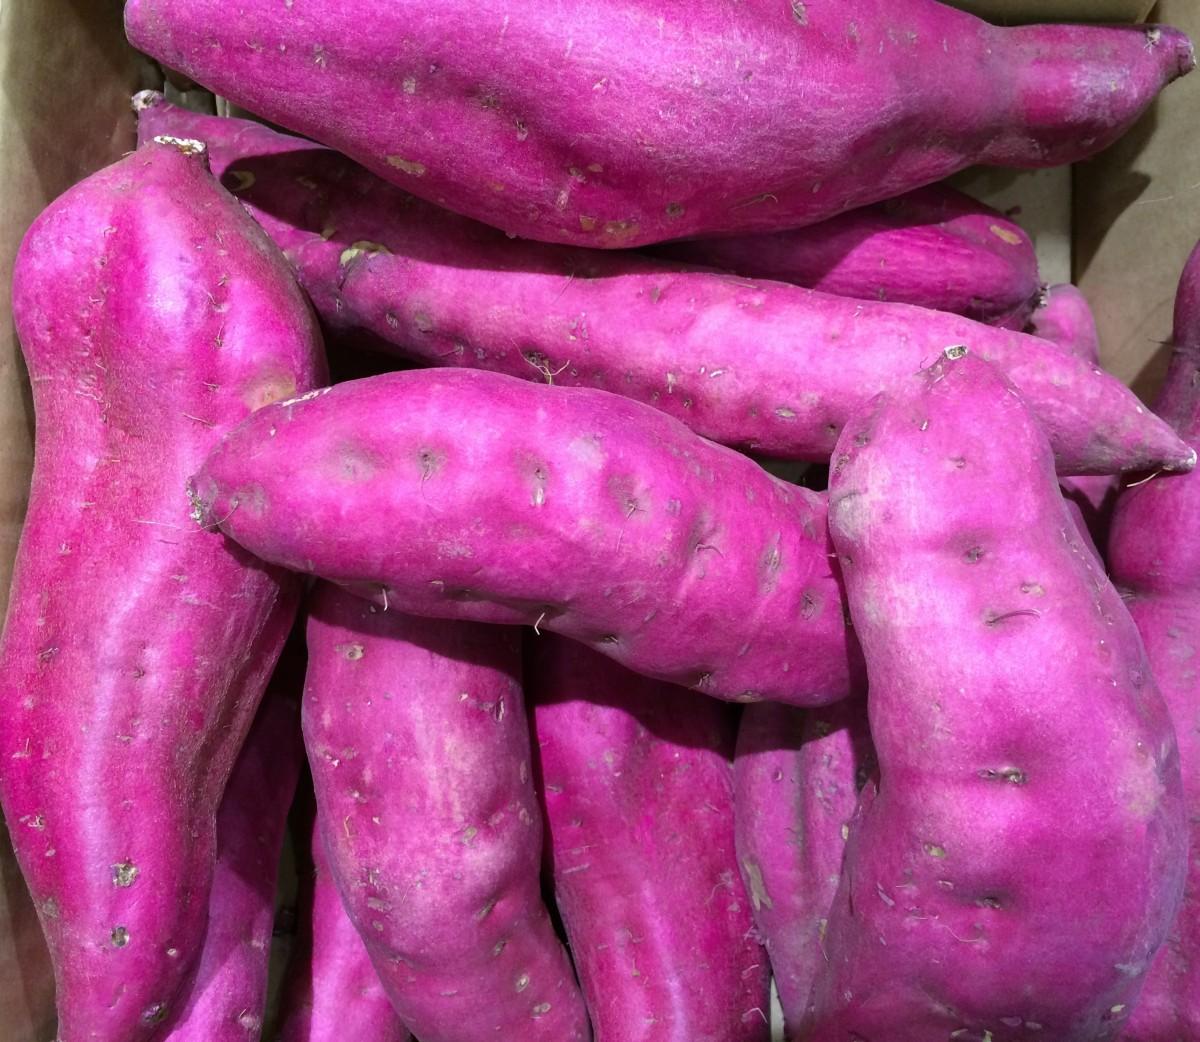 El ñame Purpura promueve la salud intestinal